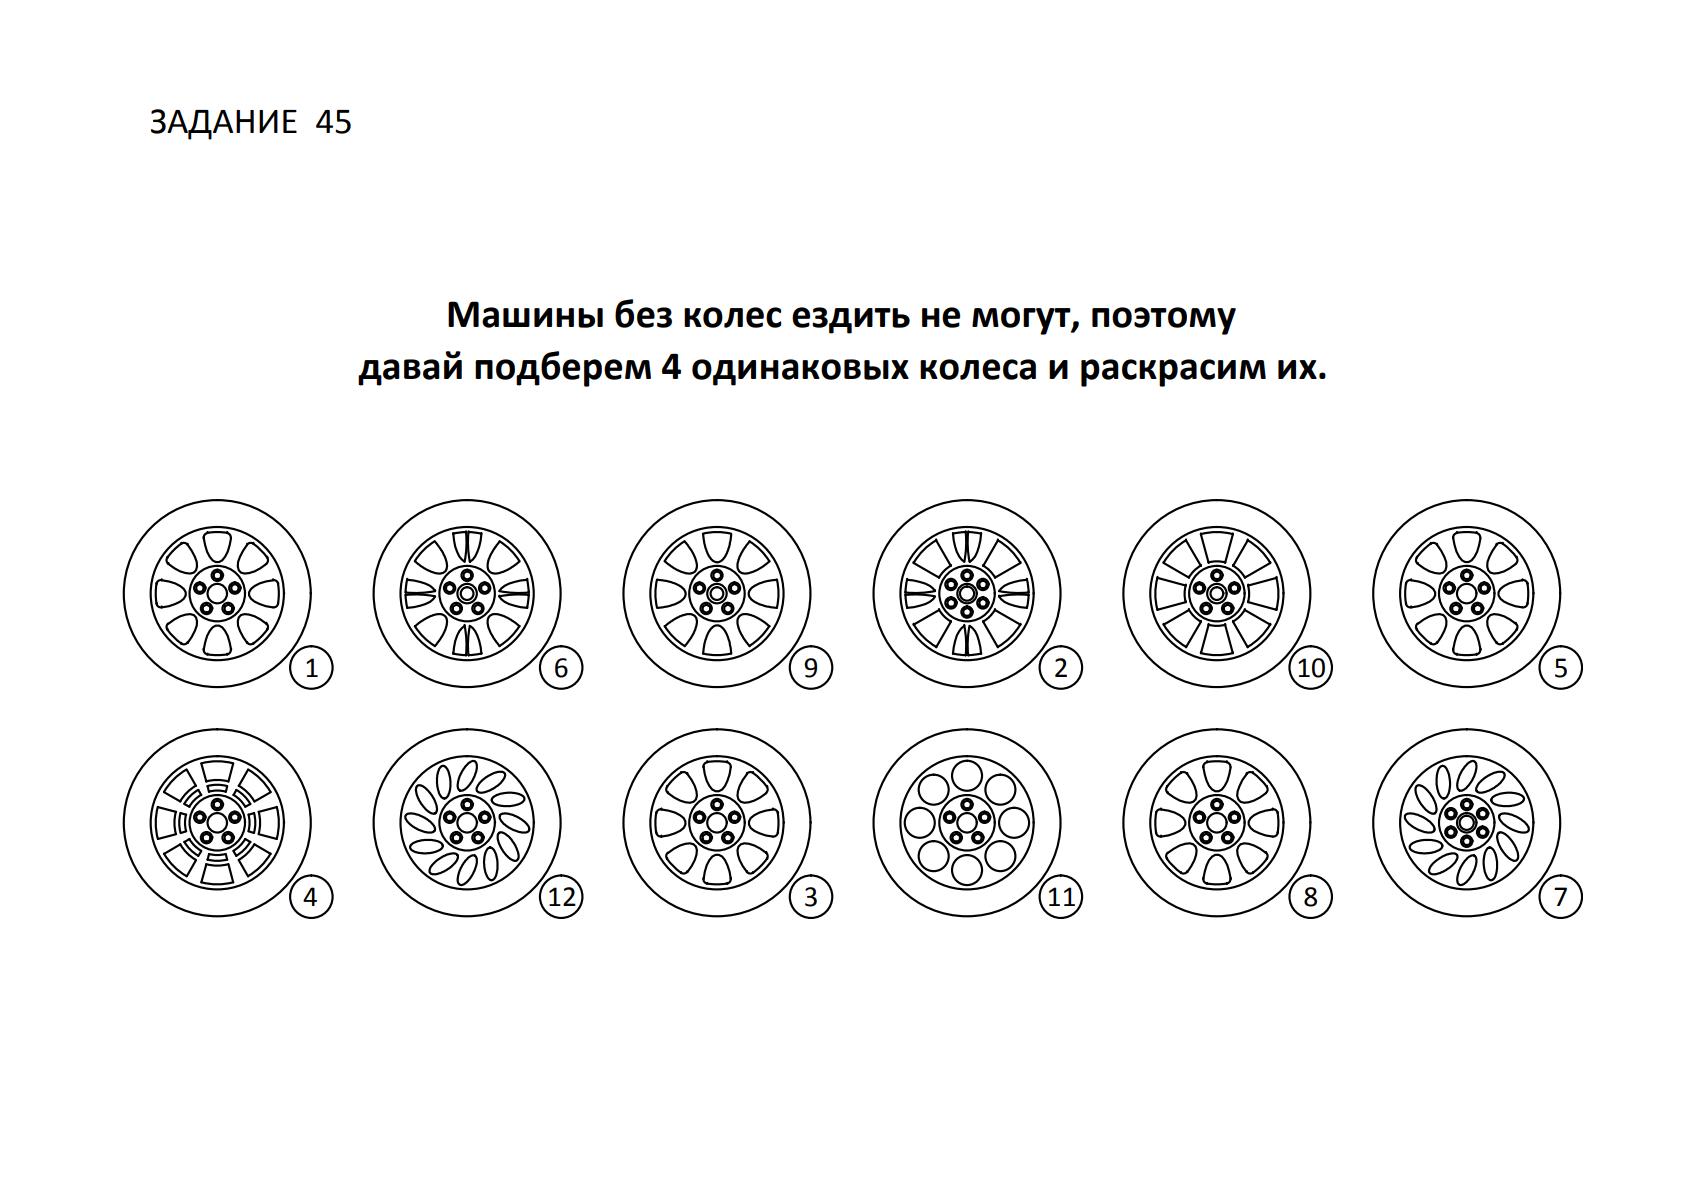 Подбери 4 одинаковых колеса к машике. Задание 45 в тест игре Ольгины Задачки.